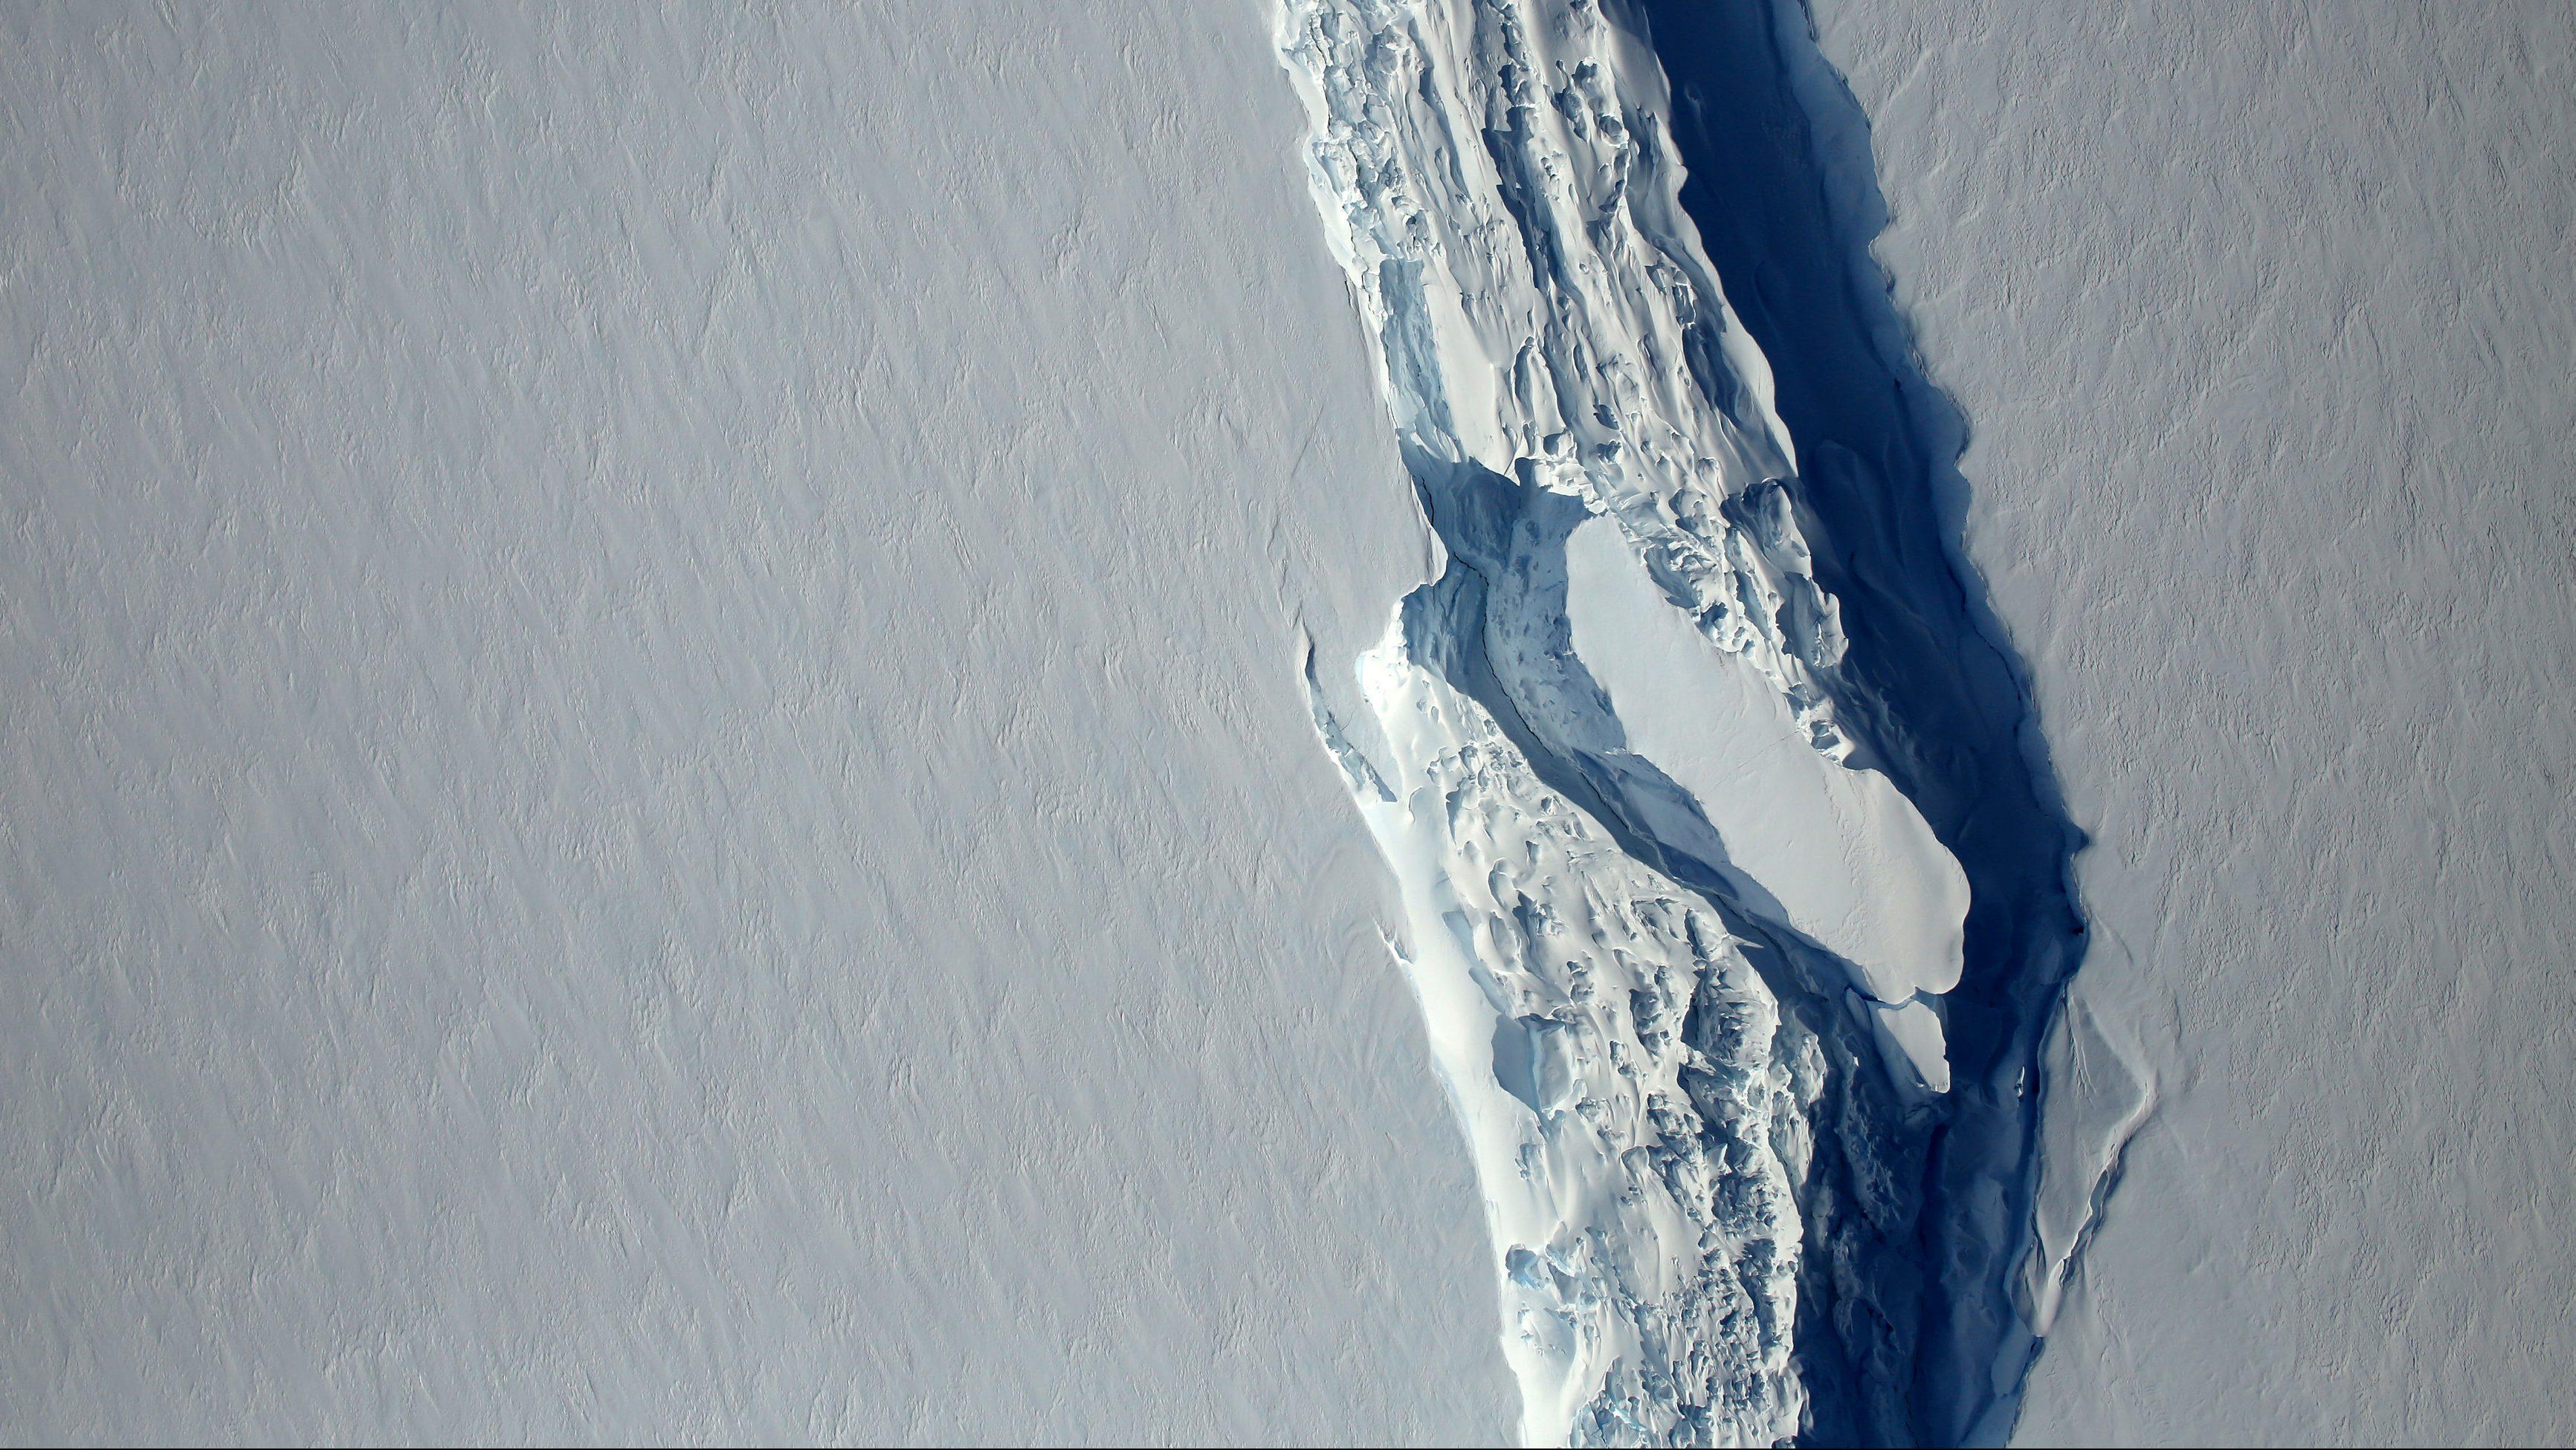 Overhead view of the Larsen C iceberg